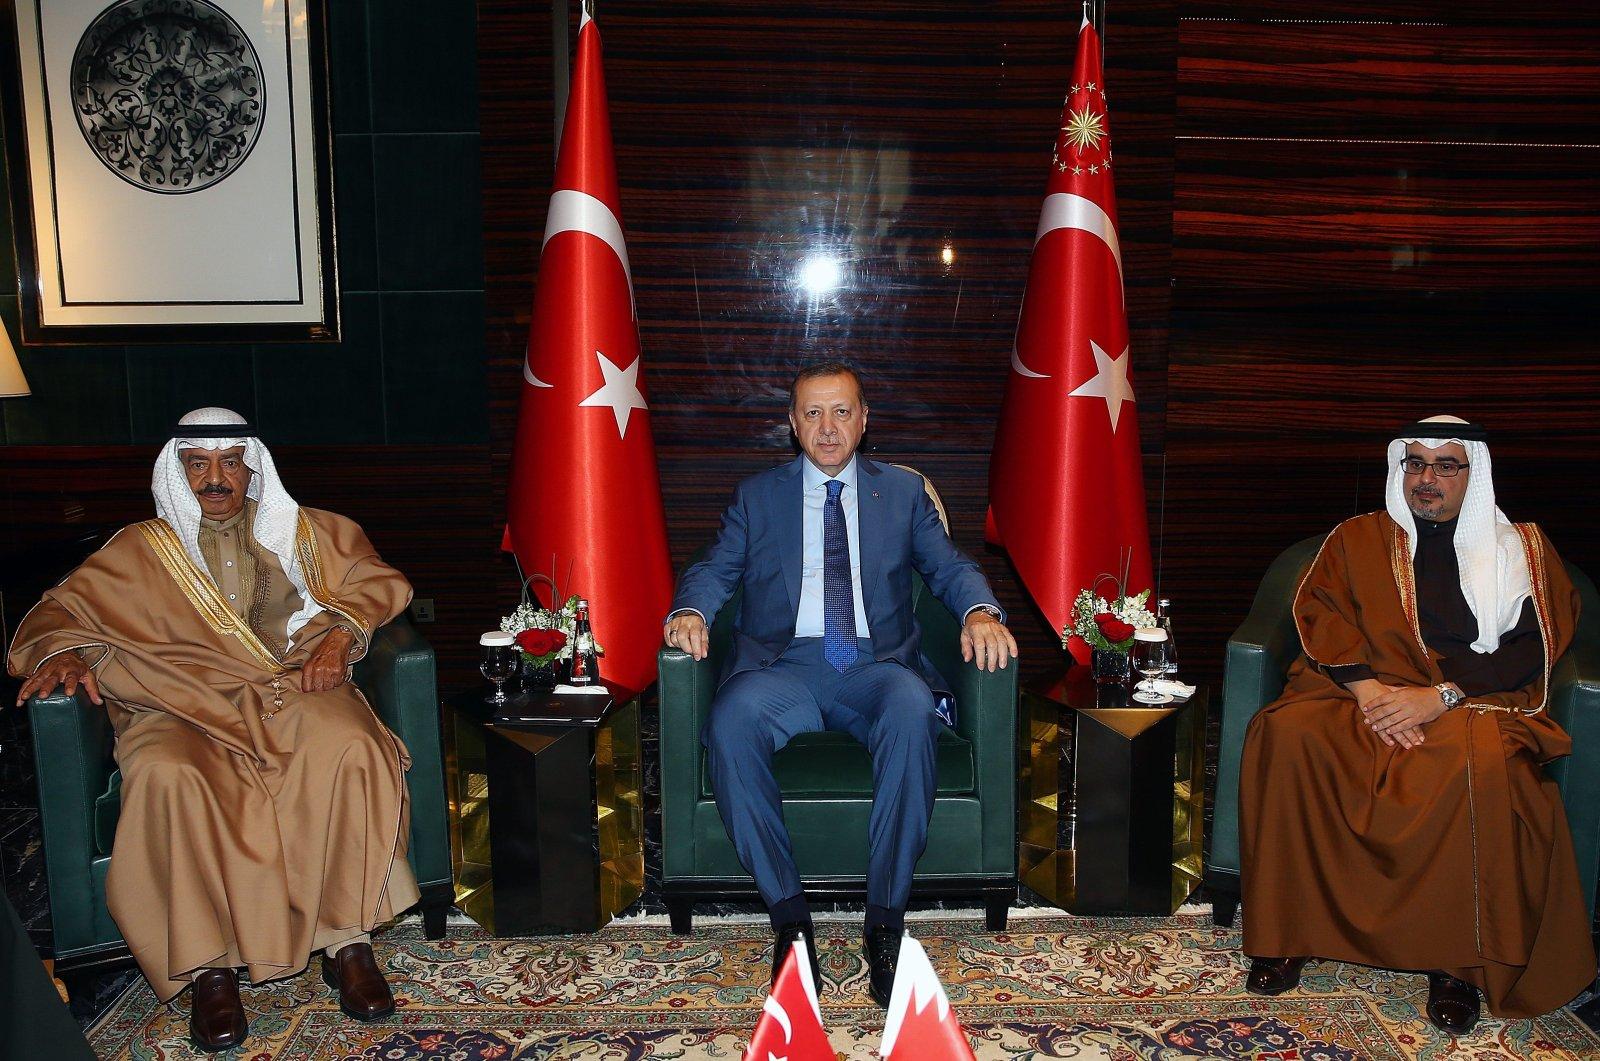 President Recep Tayyip Erdoğan (C) receives Bahrain's Prime Minister Khalifa bin Salman Al Khalifa (L) and Bahrain's Crown Prince Salman bin Hamad Al Khalifa during an official visit in Manama, Bahrain, Feb. 13, 2017. (AA Photo)